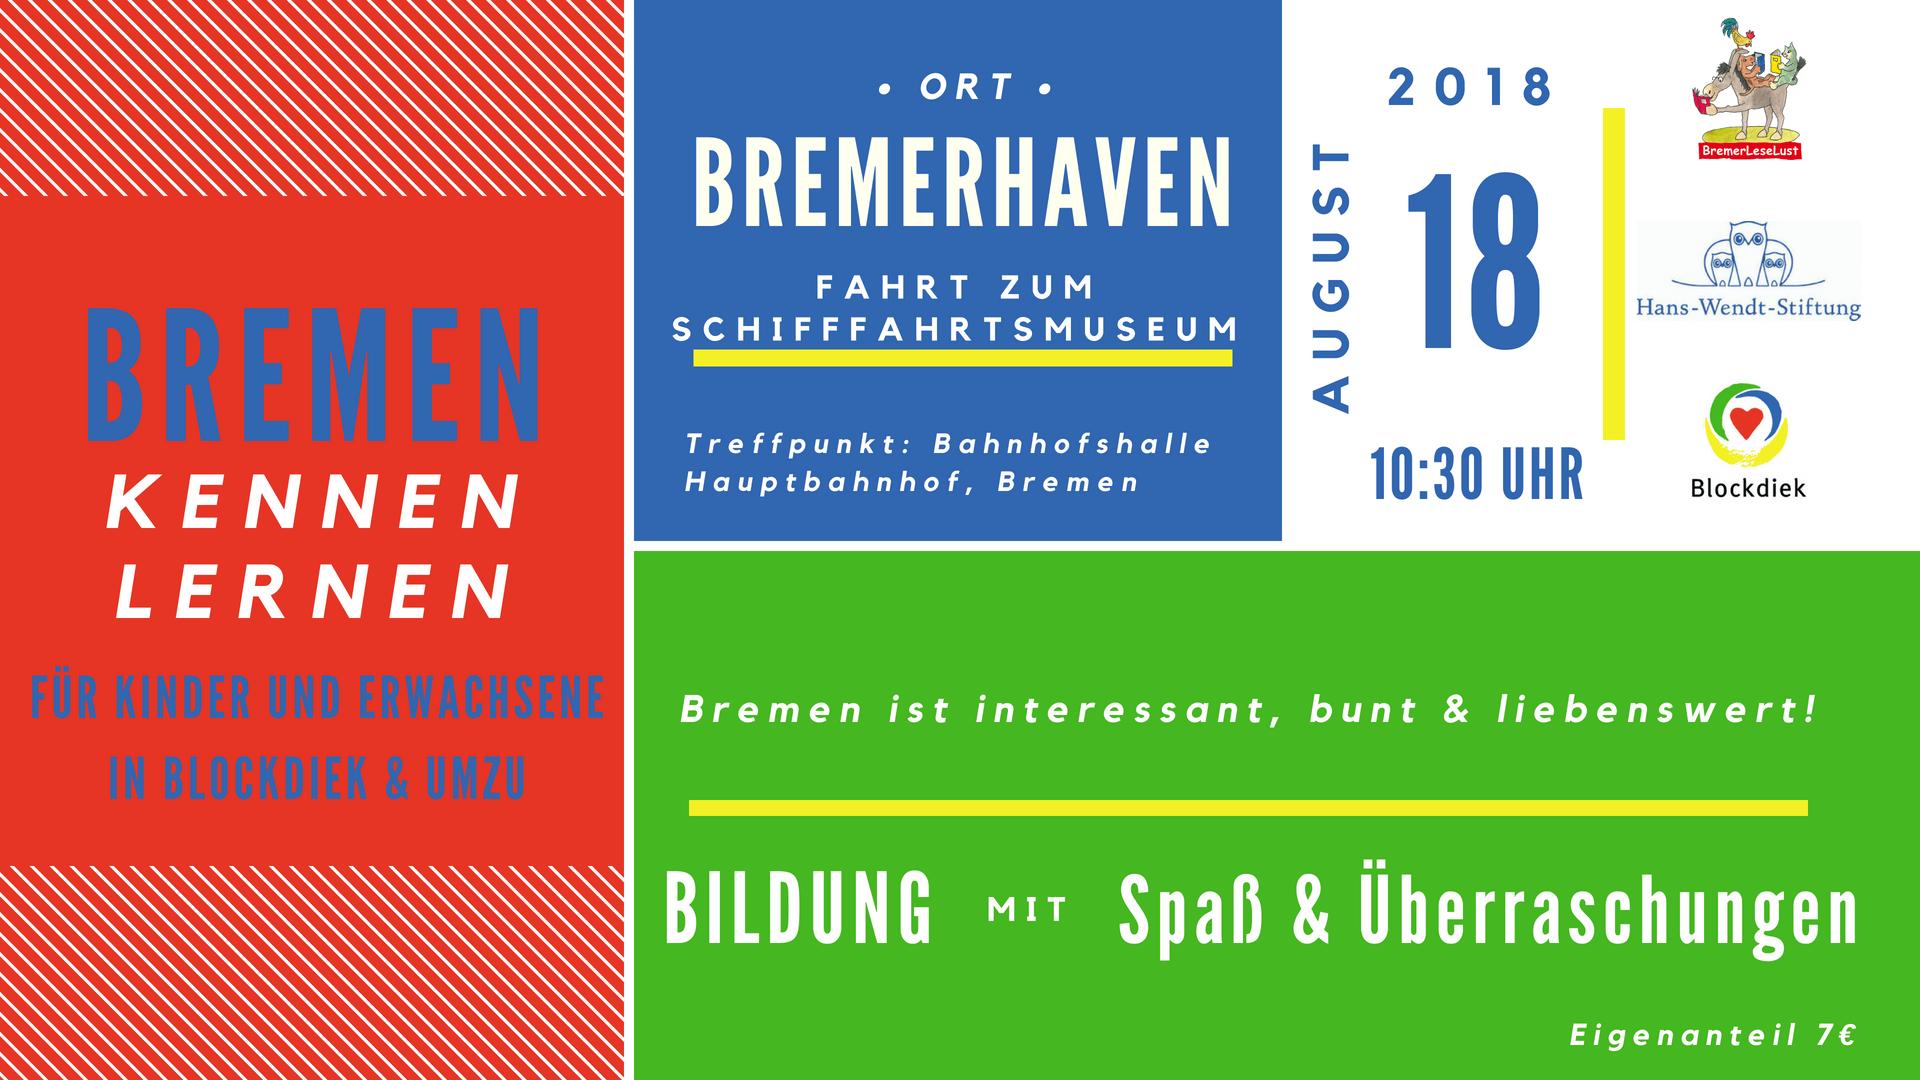 Bremen Kennen Lernen Bremerleselust Bremerhaven